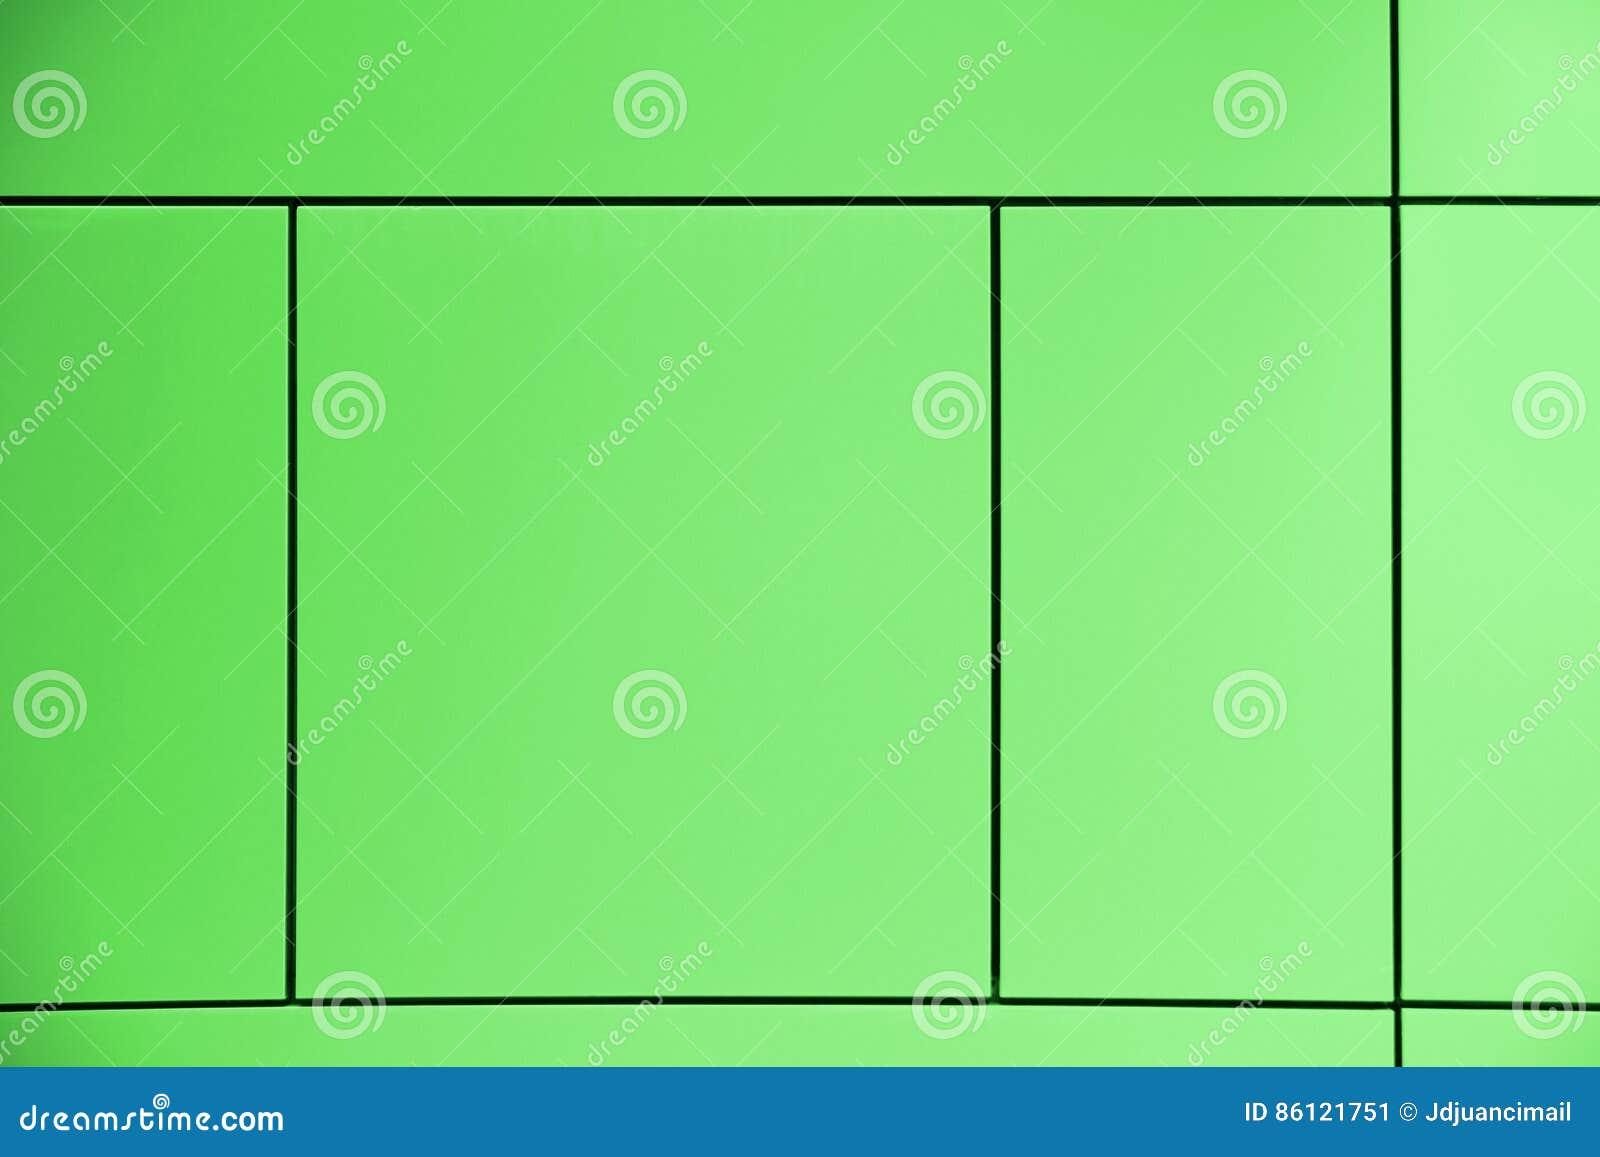 Greenfield Zielony tło krzyżujący liniami tworzy kwadraty i prostokąty w abstrakcjonistycznej architektonicznej ścianie